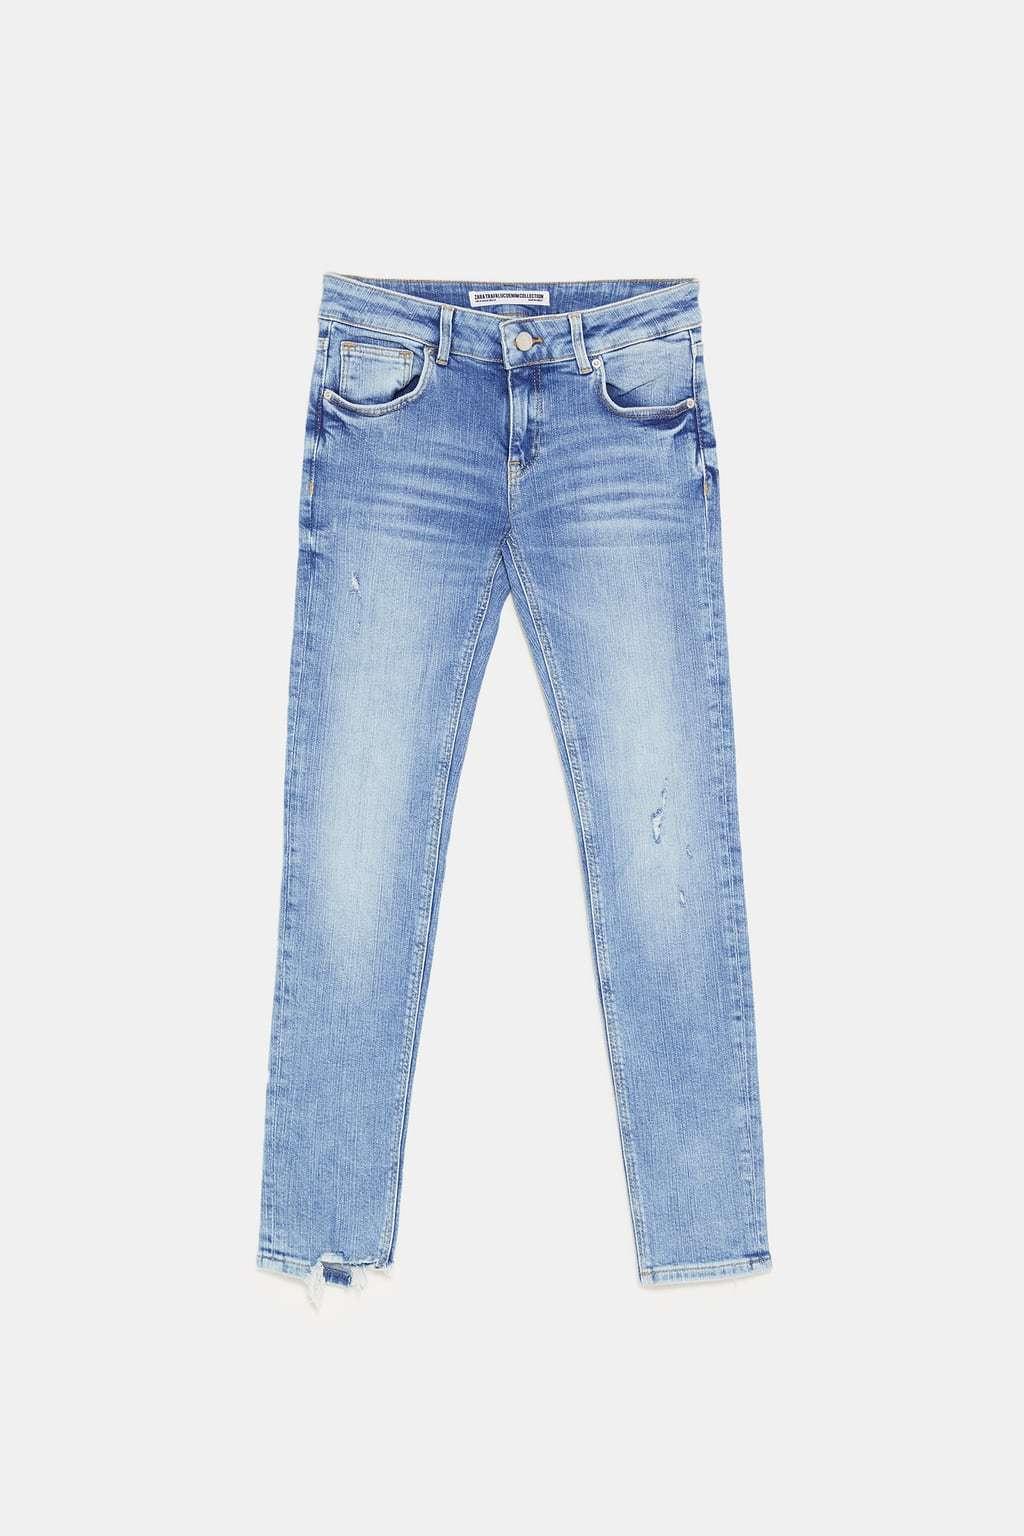 Jeans Super Low Rise de Zara. (29,95 euros).